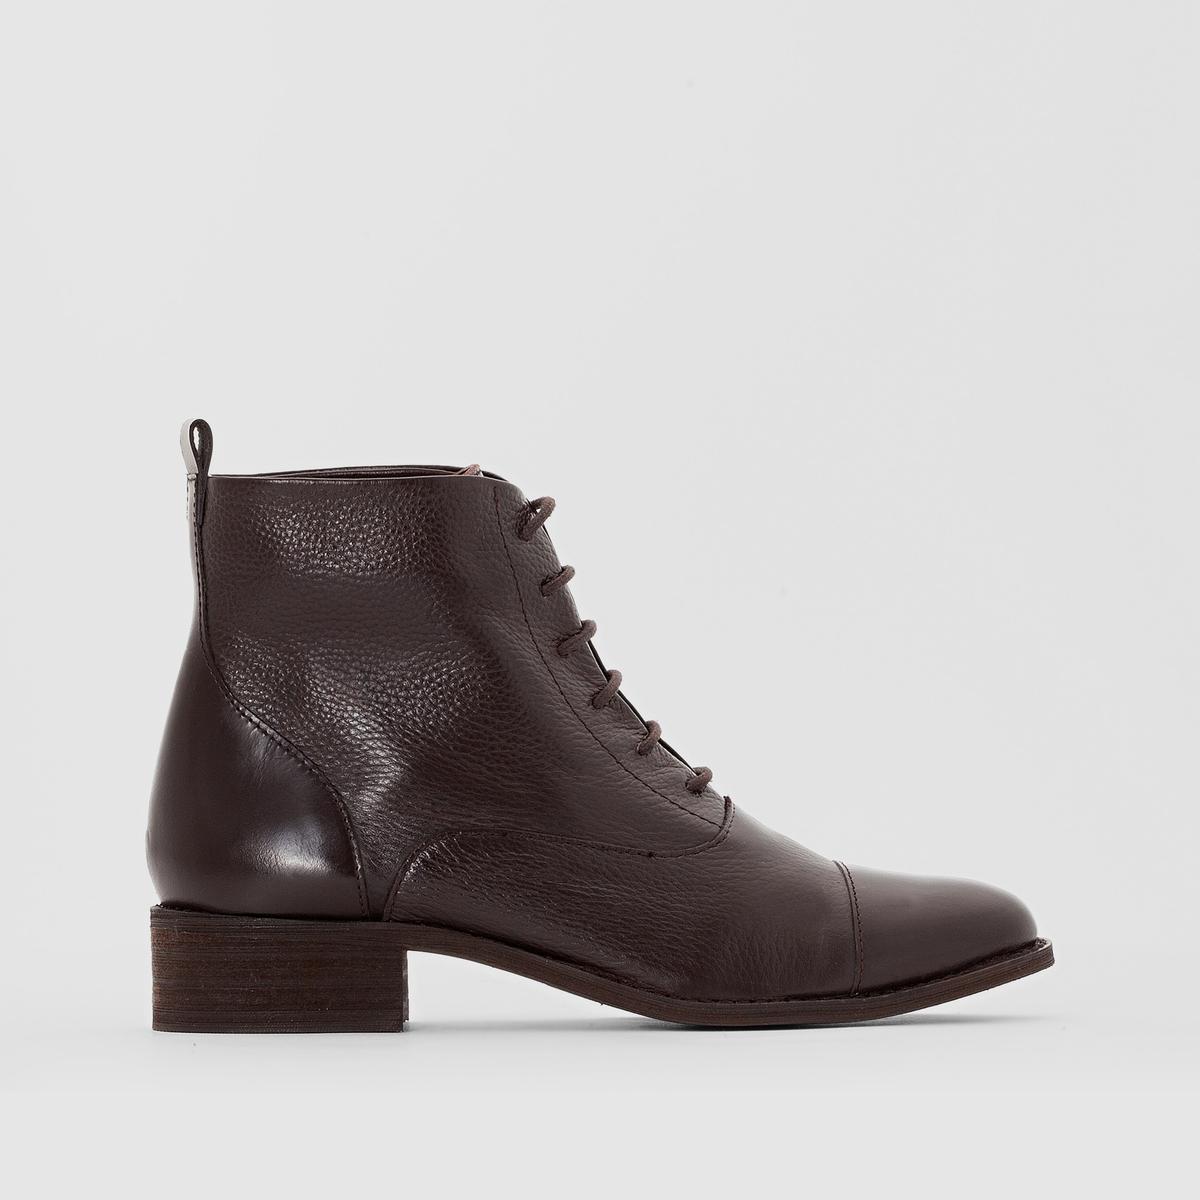 Ботинки на шнуровкеПодкладка : кожа         Стелька : кожа         Подошва : эластомер Форма каблука : плоский каблук    Мысок : закругленный         Застежка : на шнуровку<br><br>Цвет: шоколадный<br>Размер: 37